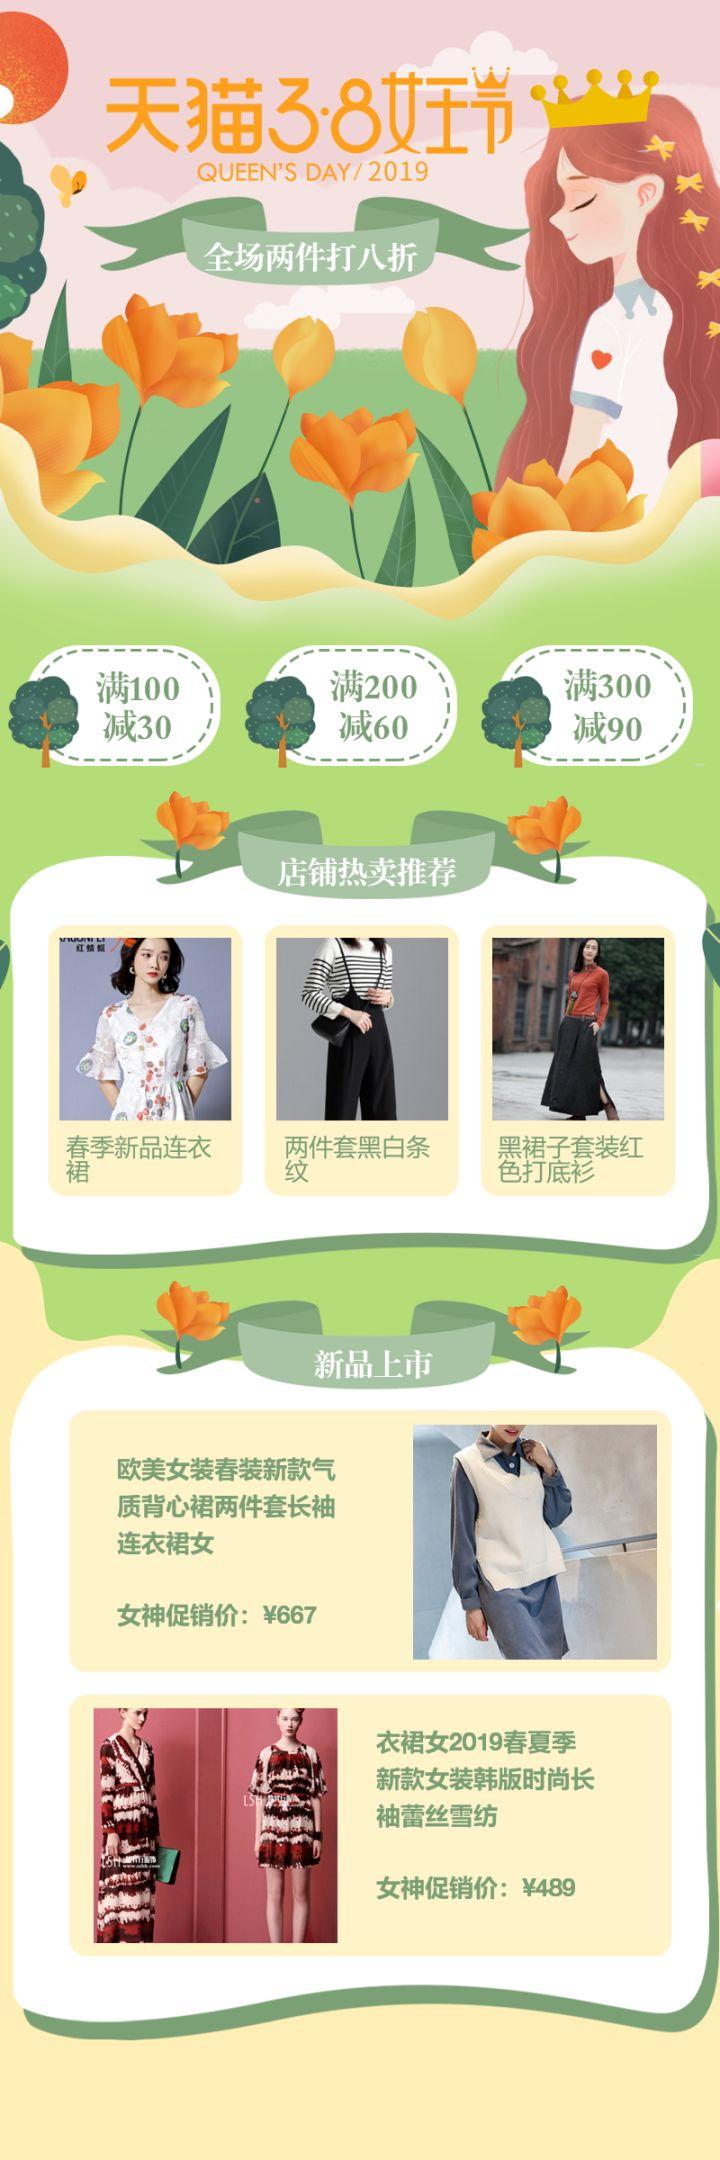 清新三八妇女节38女神节商品促销